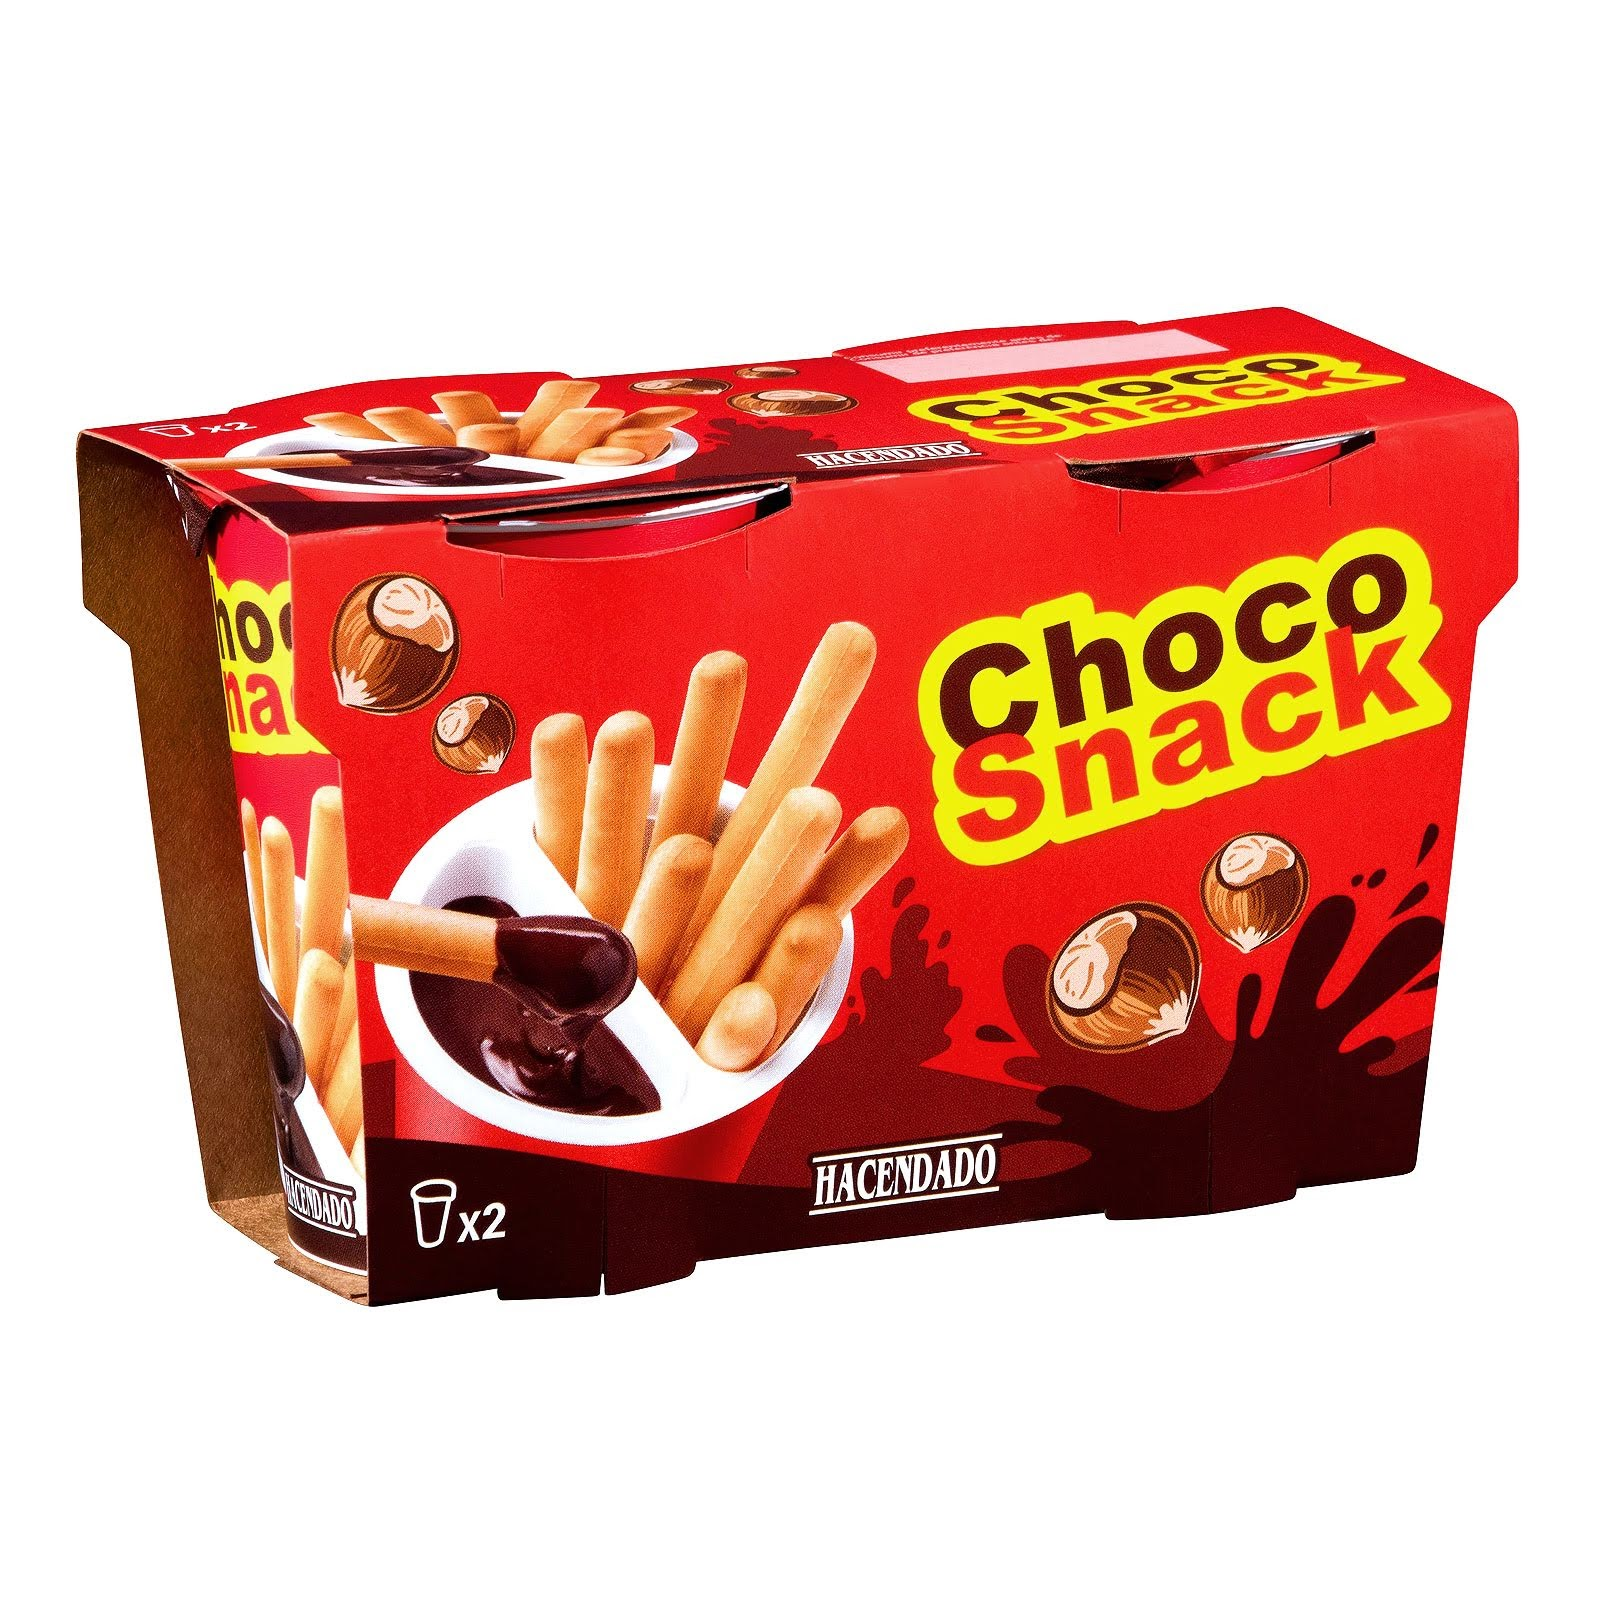 Vasitos de crema de cacao y avellanas con palitos de pan para untar Choco Snack Hacendado